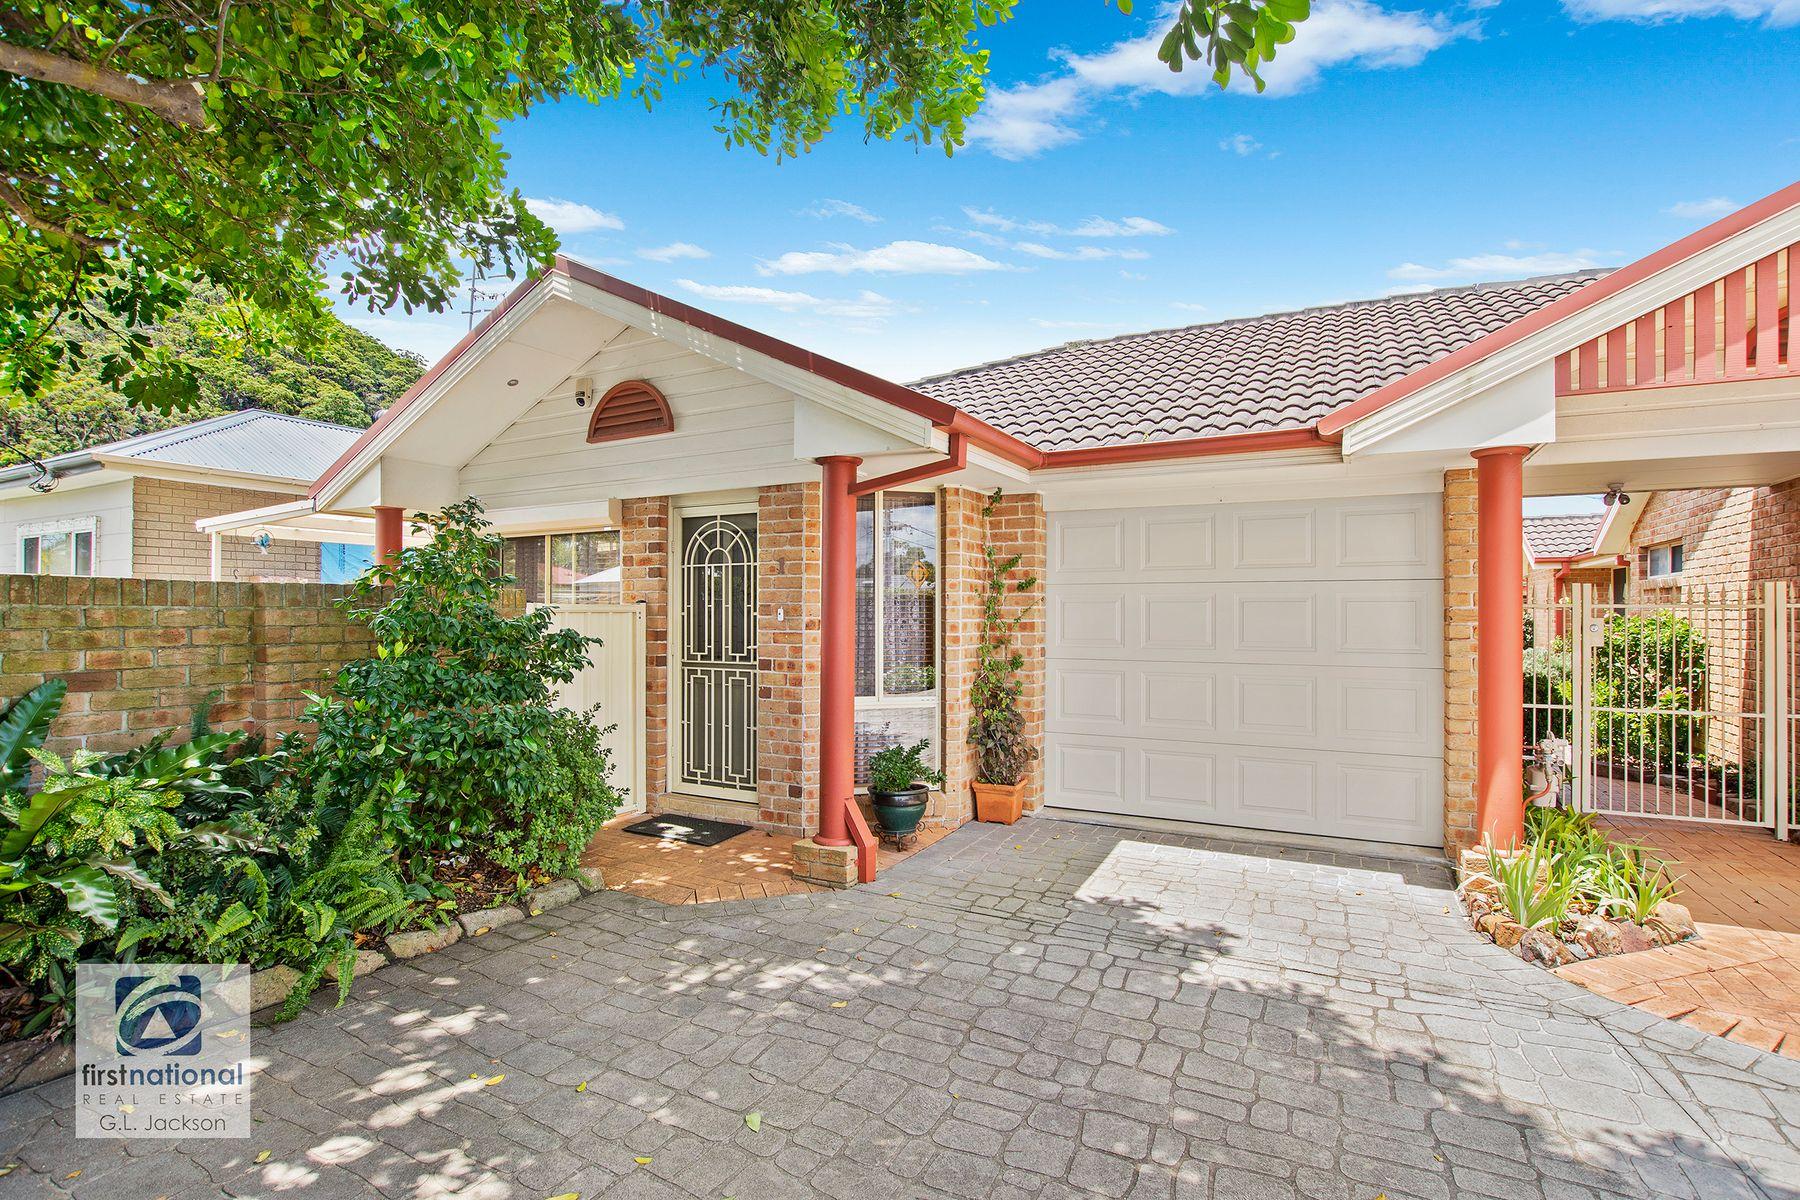 1/24 Barrenjoey Road, Ettalong Beach, NSW 2257